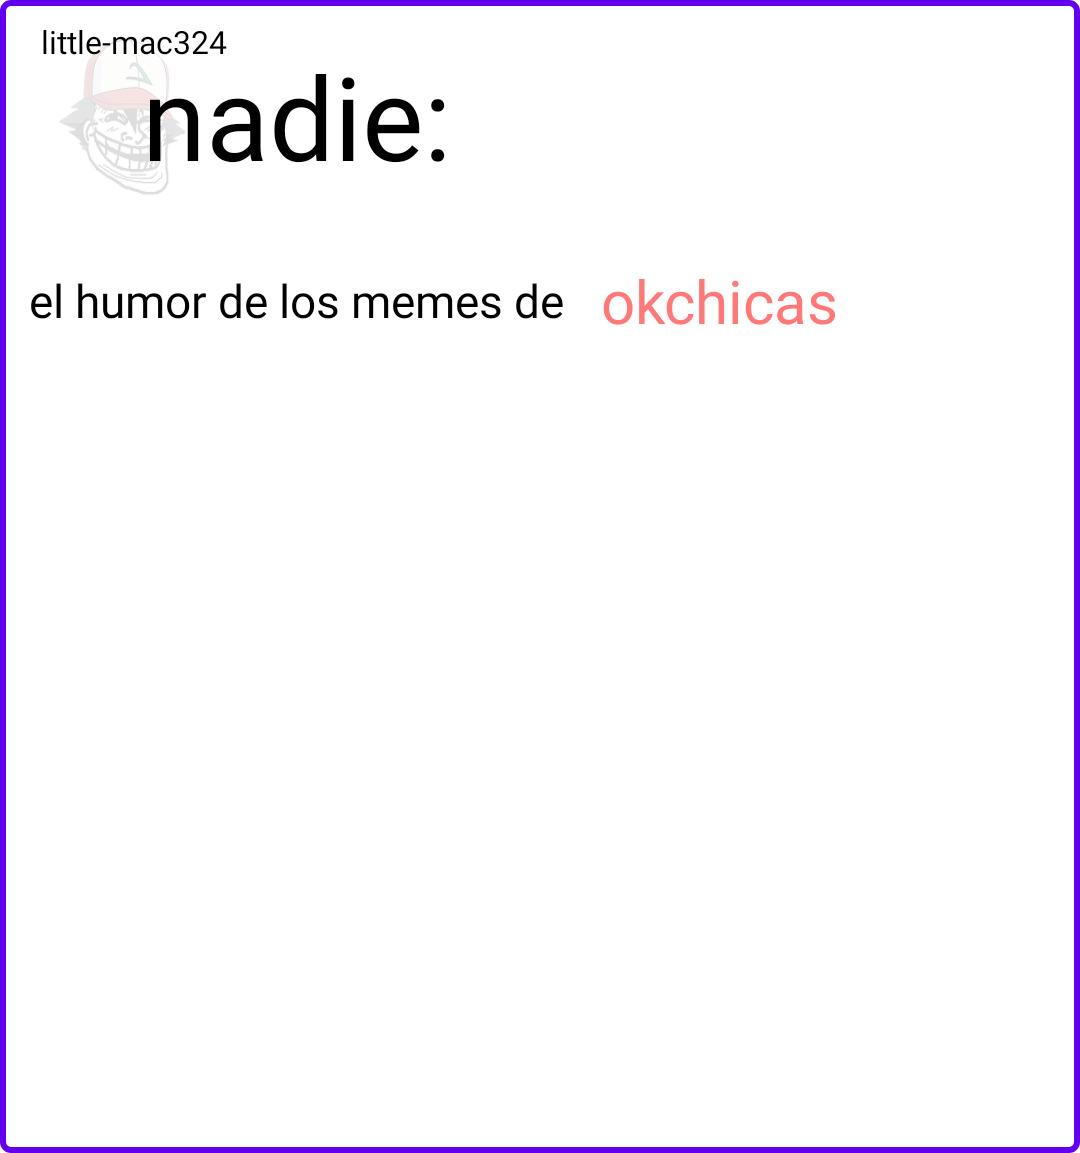 okchicas be like - meme